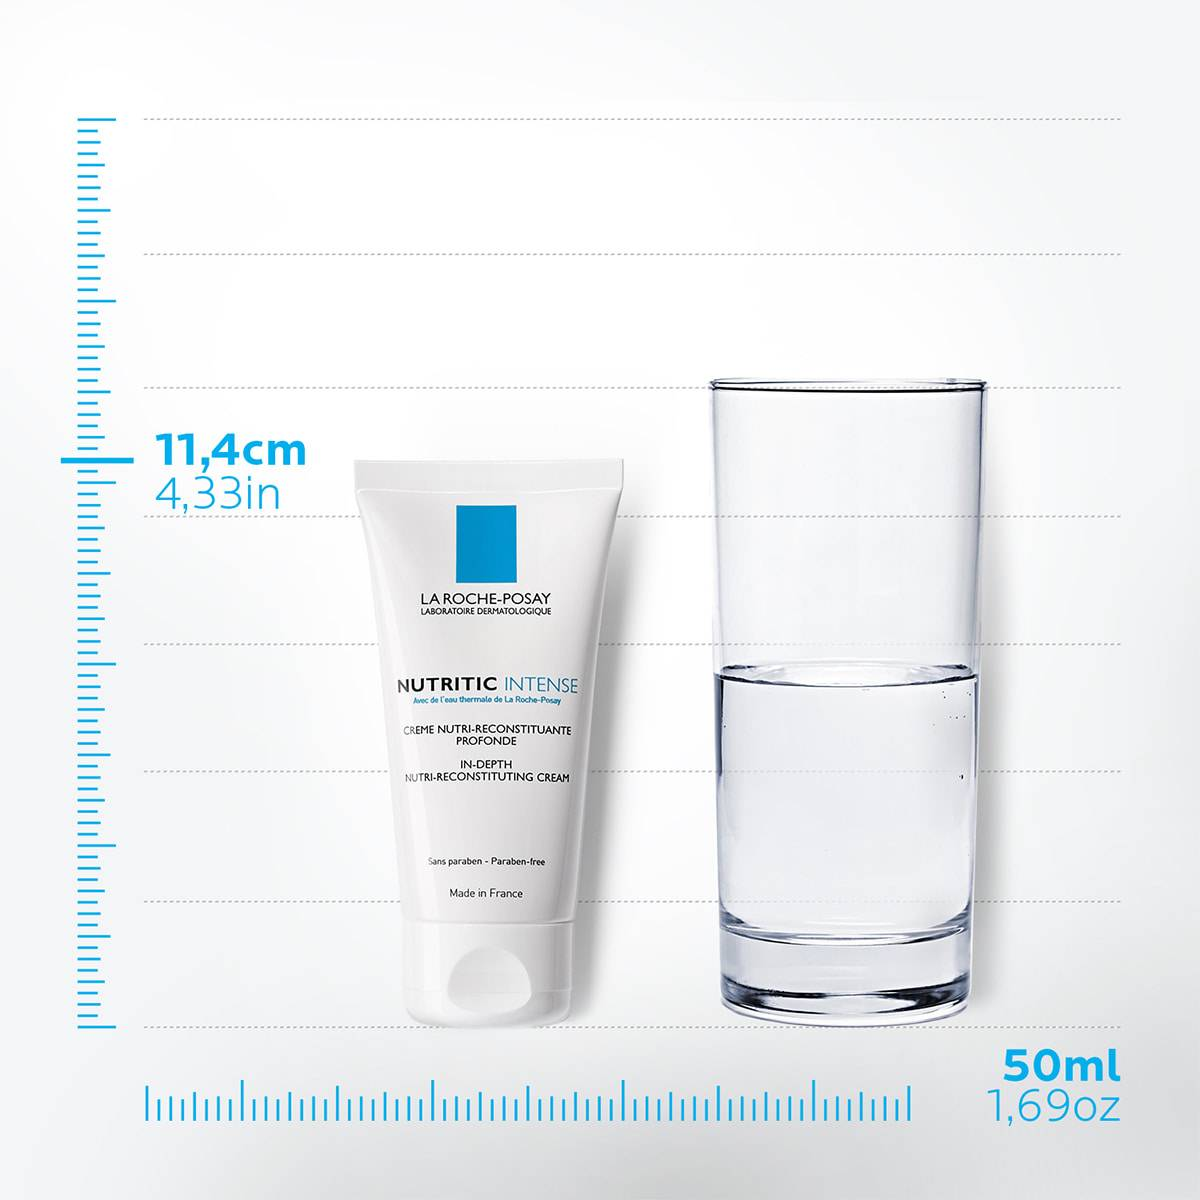 La Roche Posay Produktsida Ansiktsvård Nutritic Intense Cream 50ml 33378